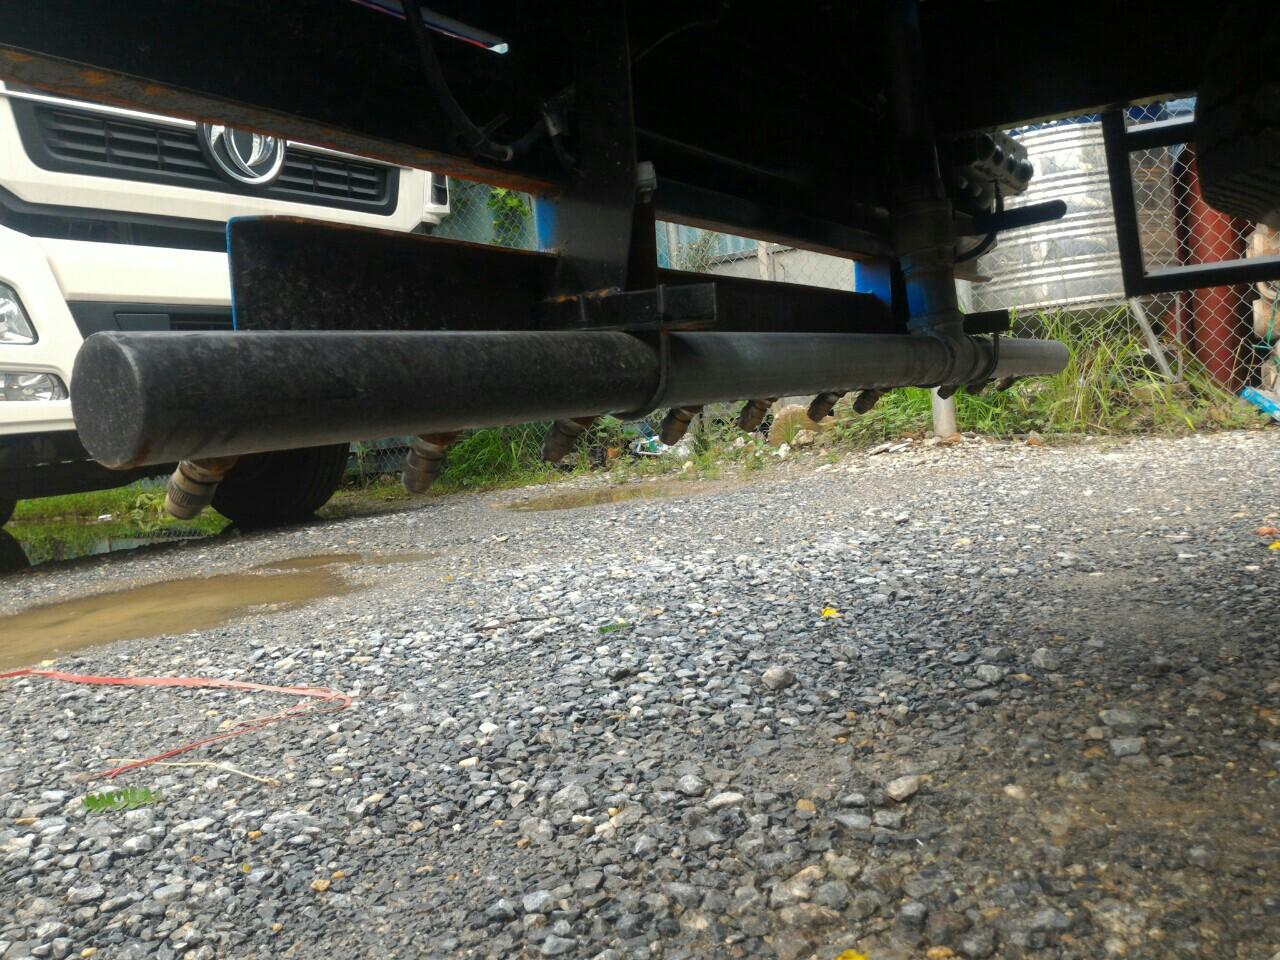 xe phun nước rửa đường Thaco 5,5m3